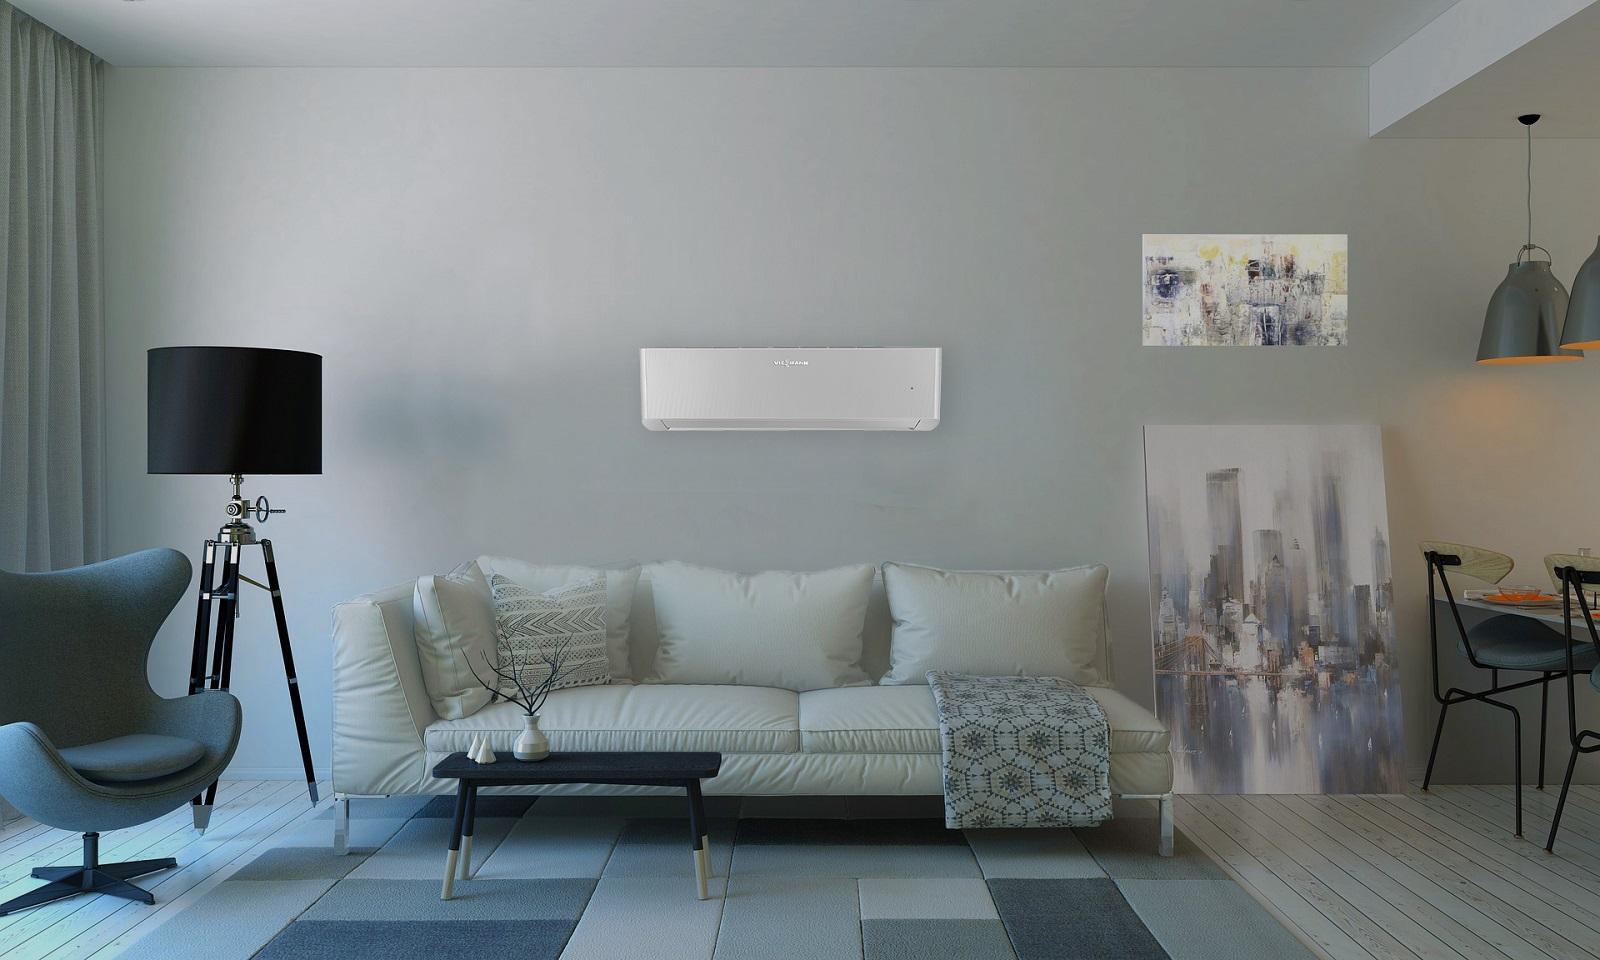 Caratteristiche dei gas r usato nei climatizzatori